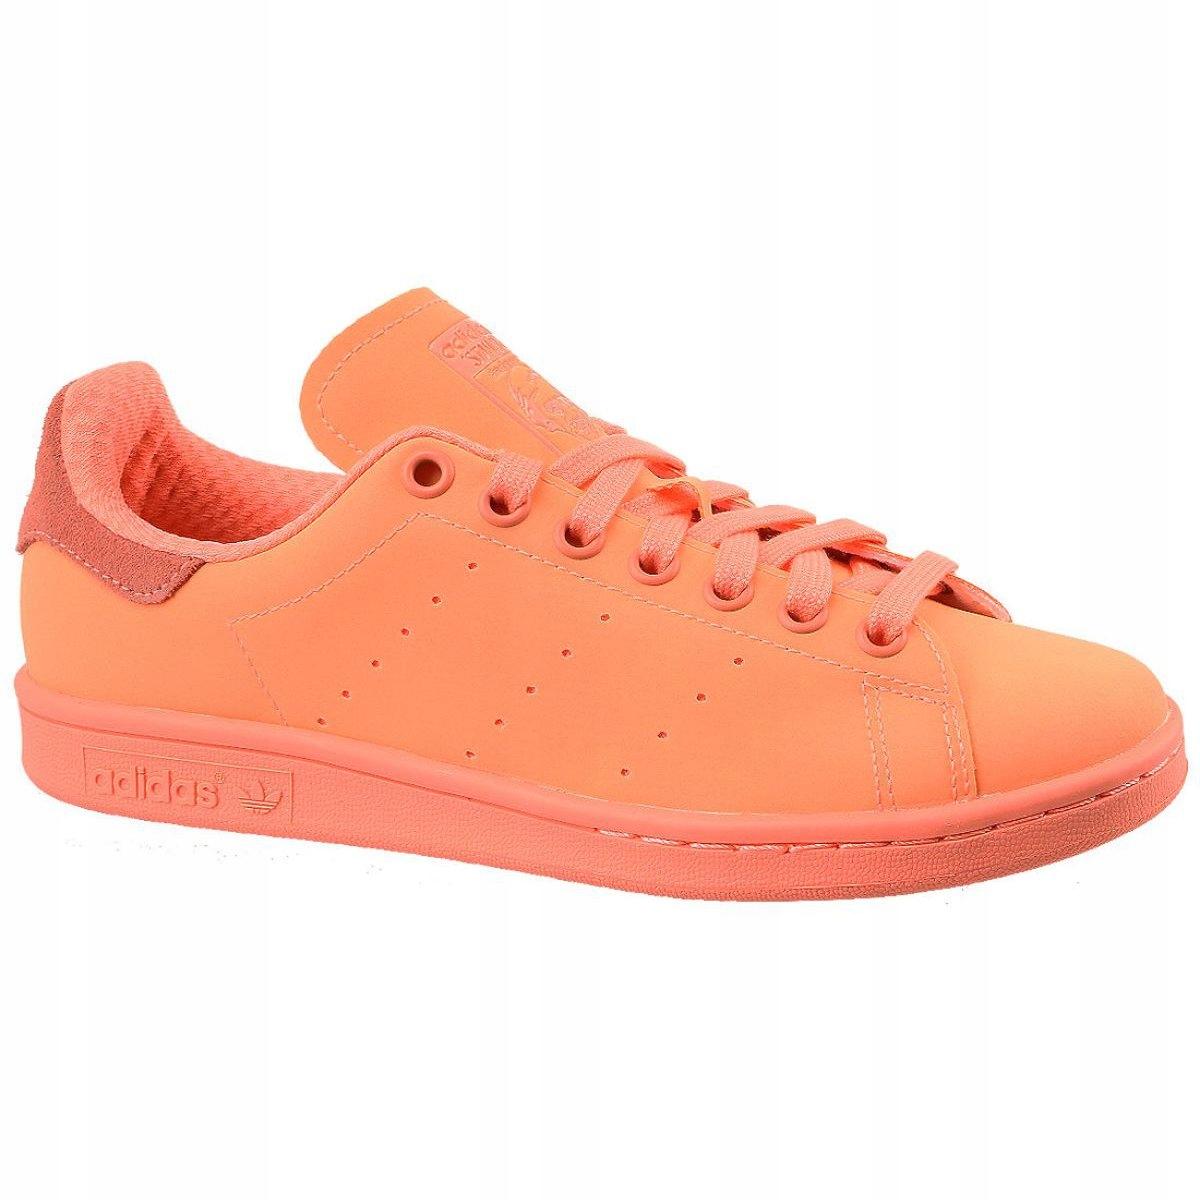 Adidas sportowe damskie pomarańczowe r.37 1/3